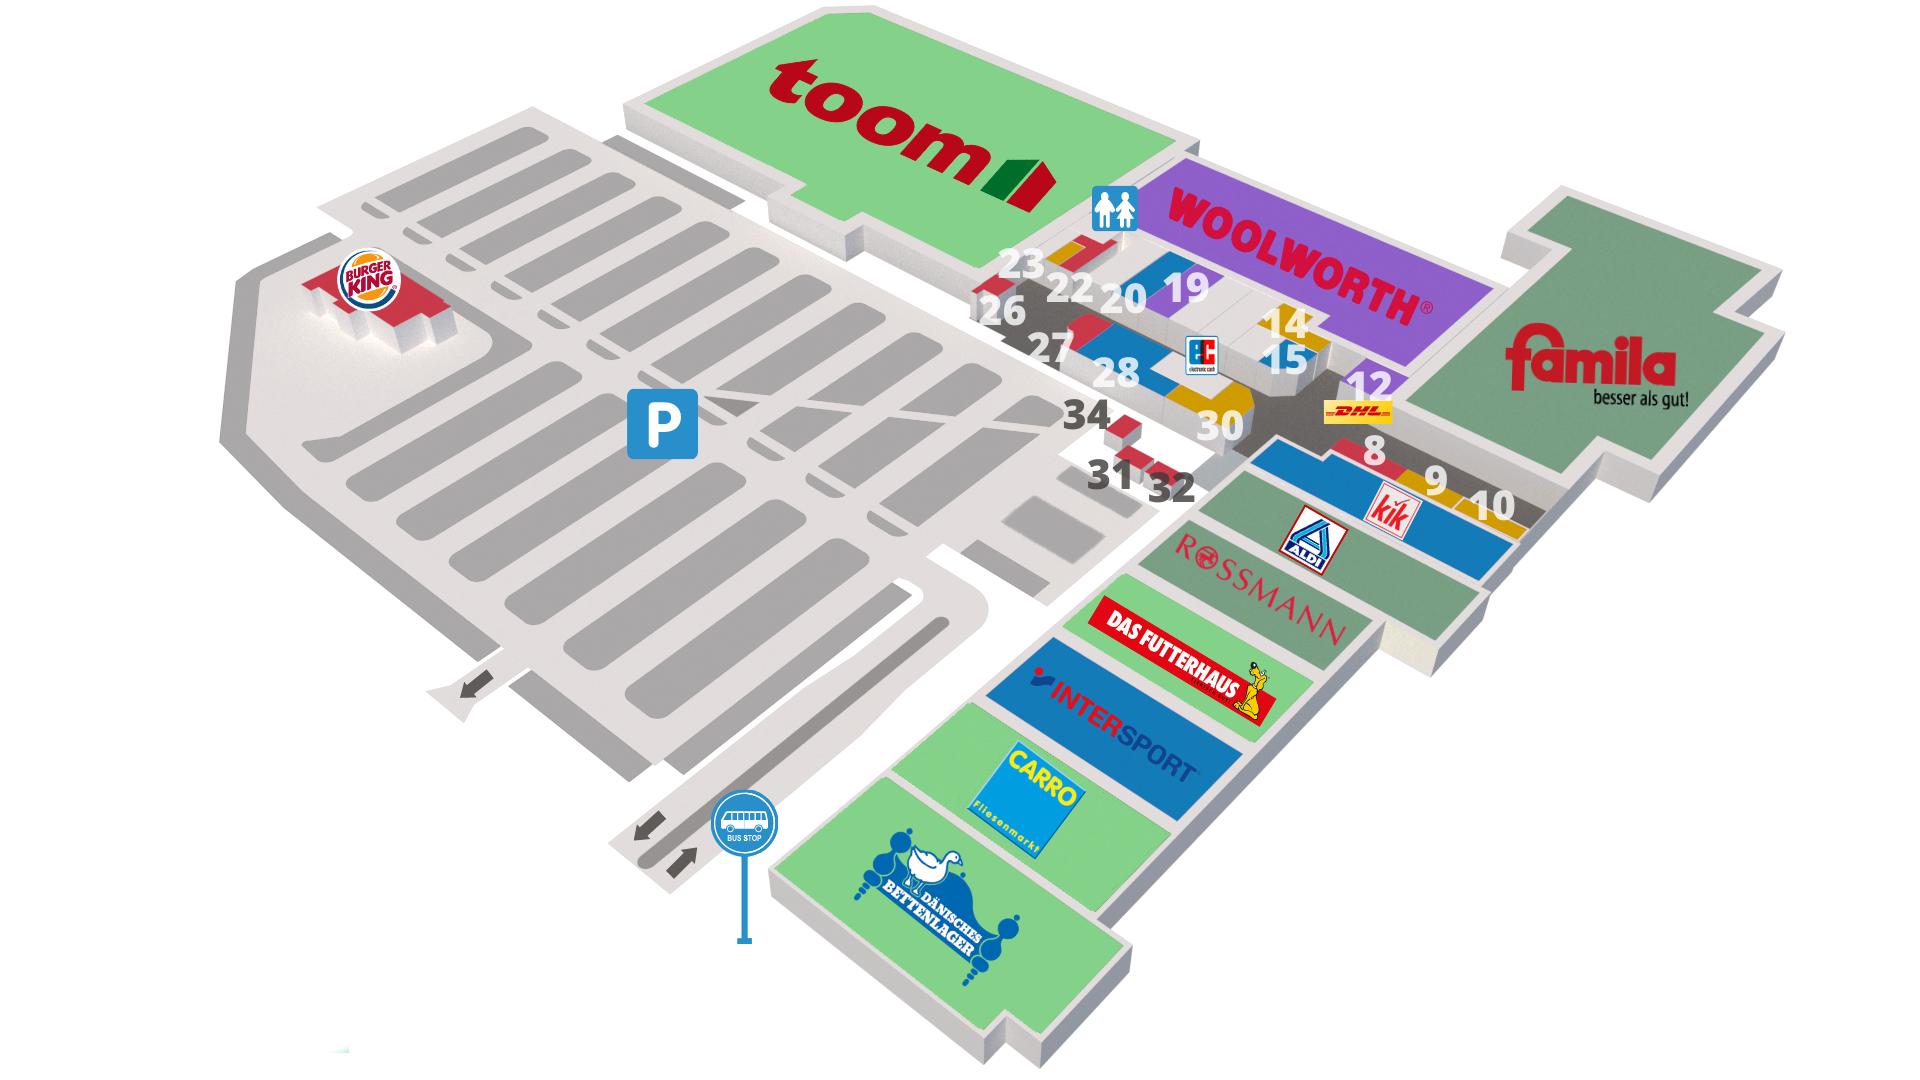 Lageplan der Geschäfte im Eiderpark